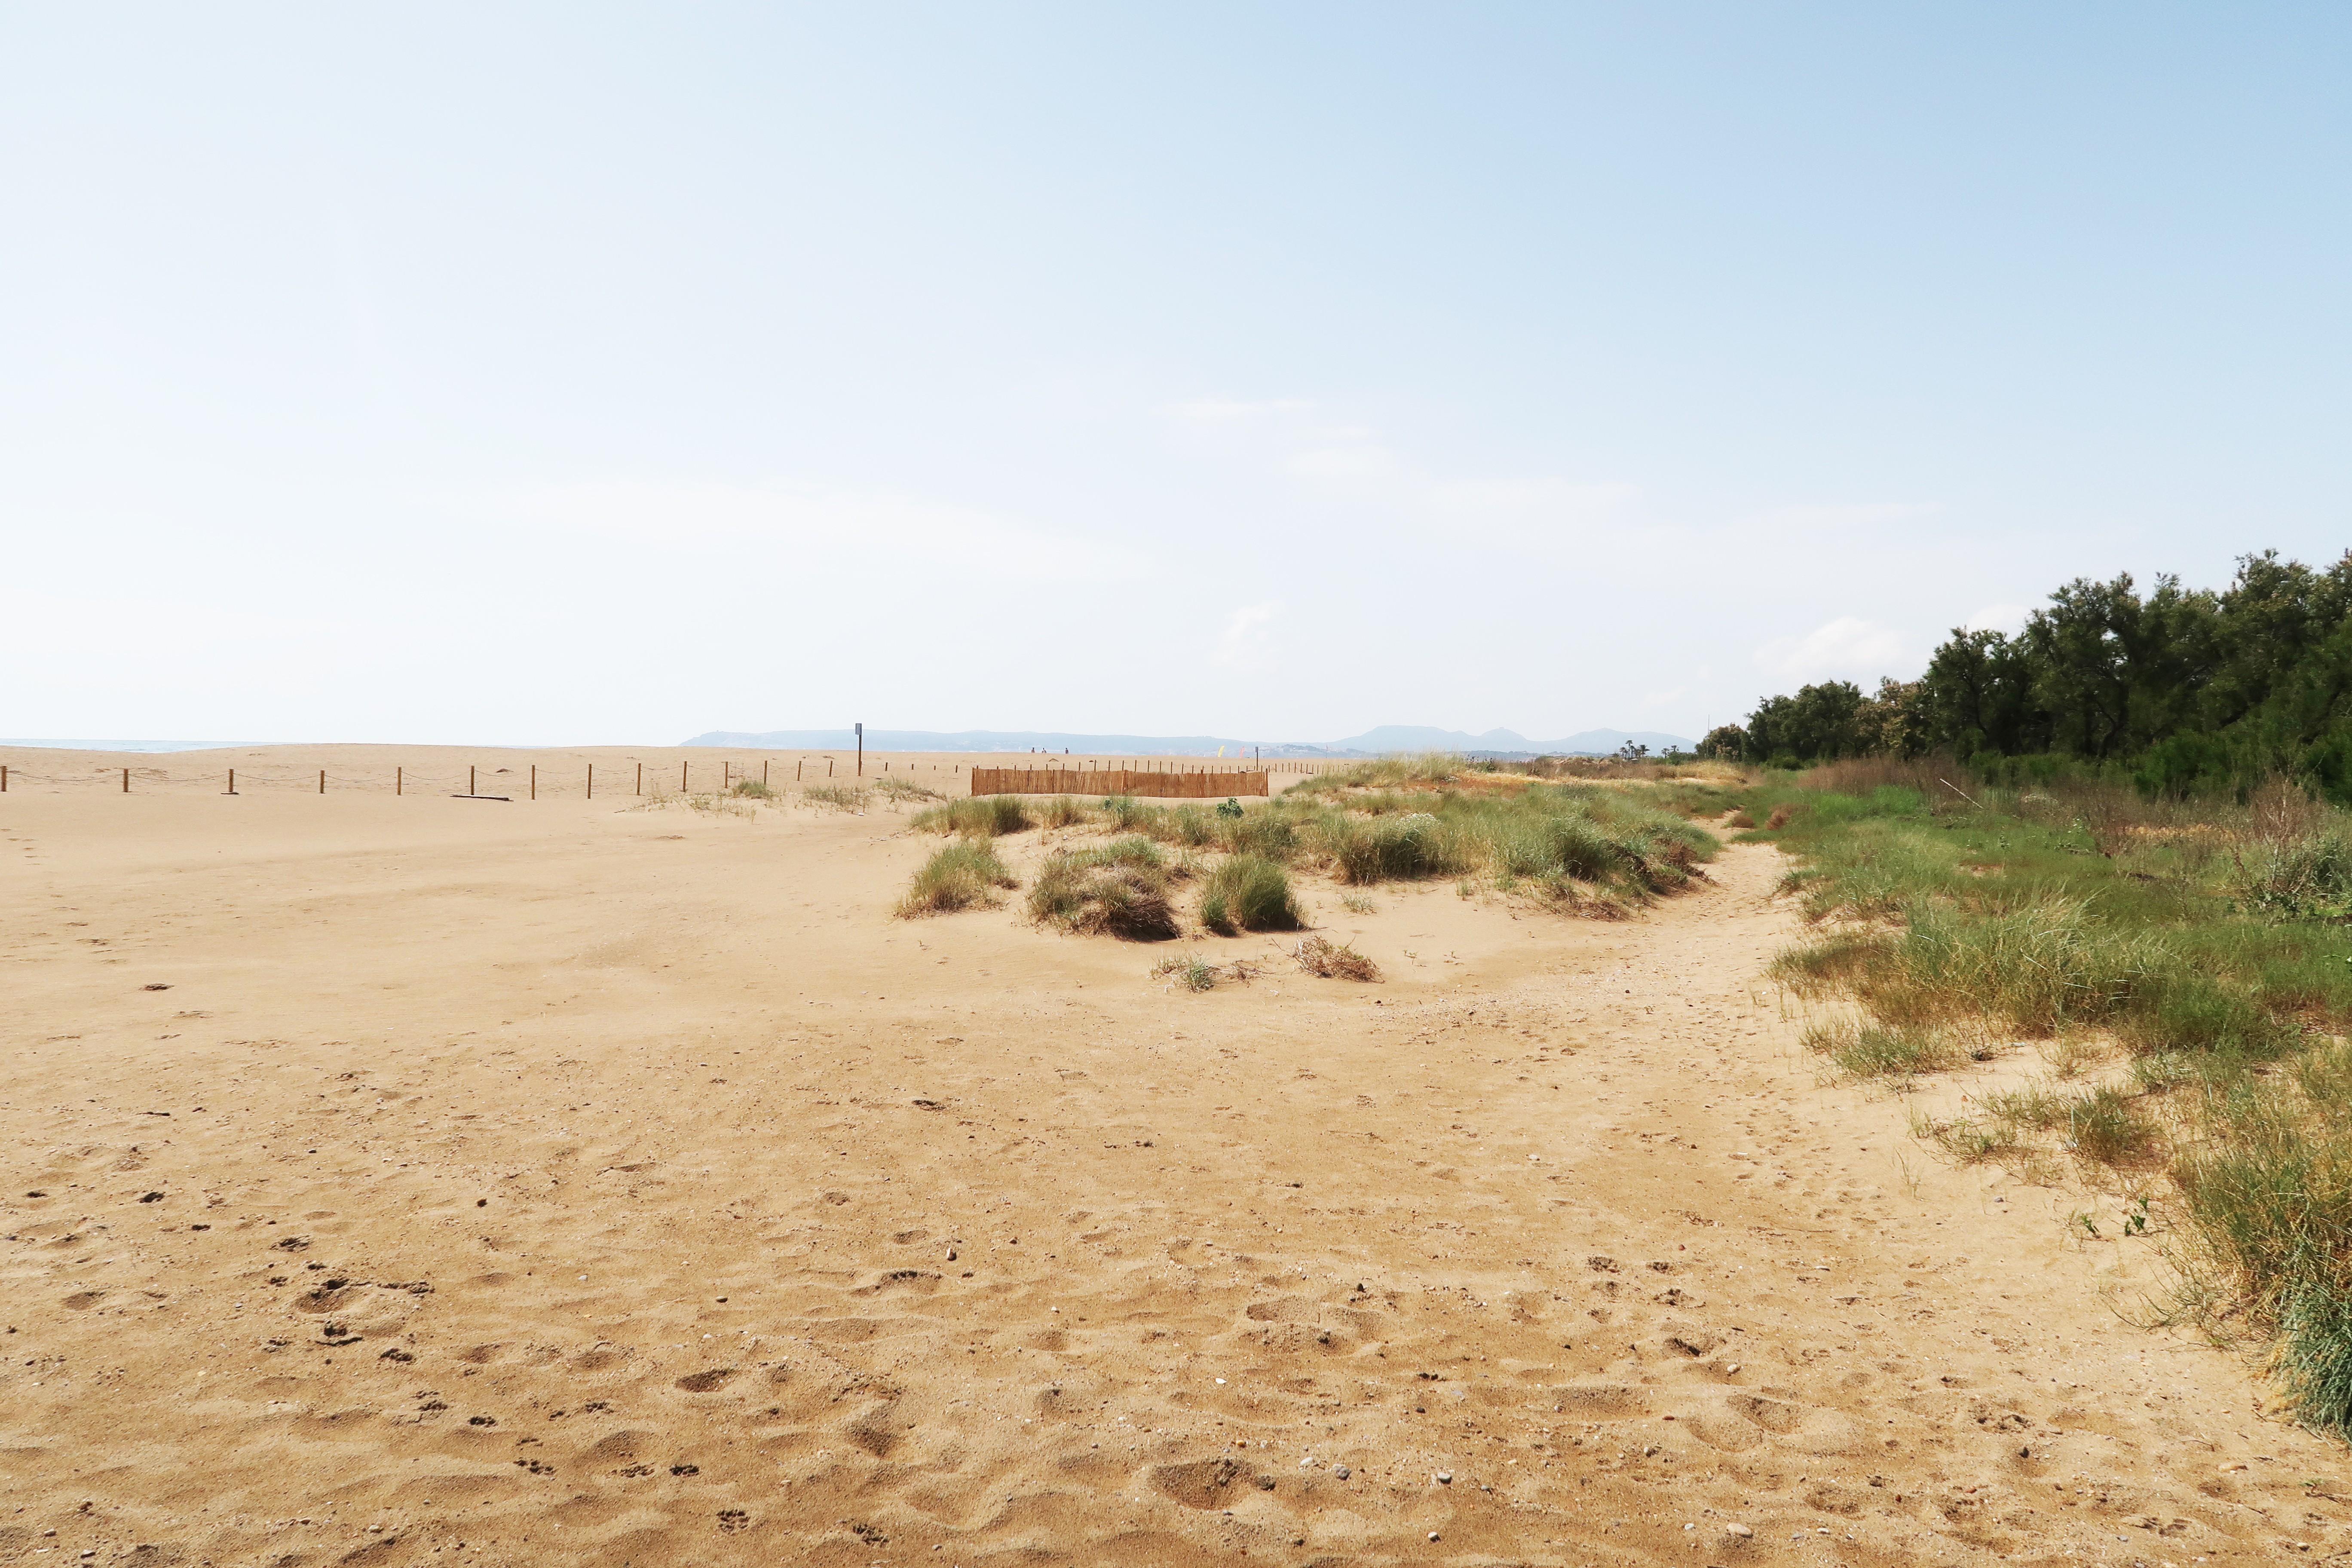 Les activités au camping Amfora et aux environs sur la Costa Brava